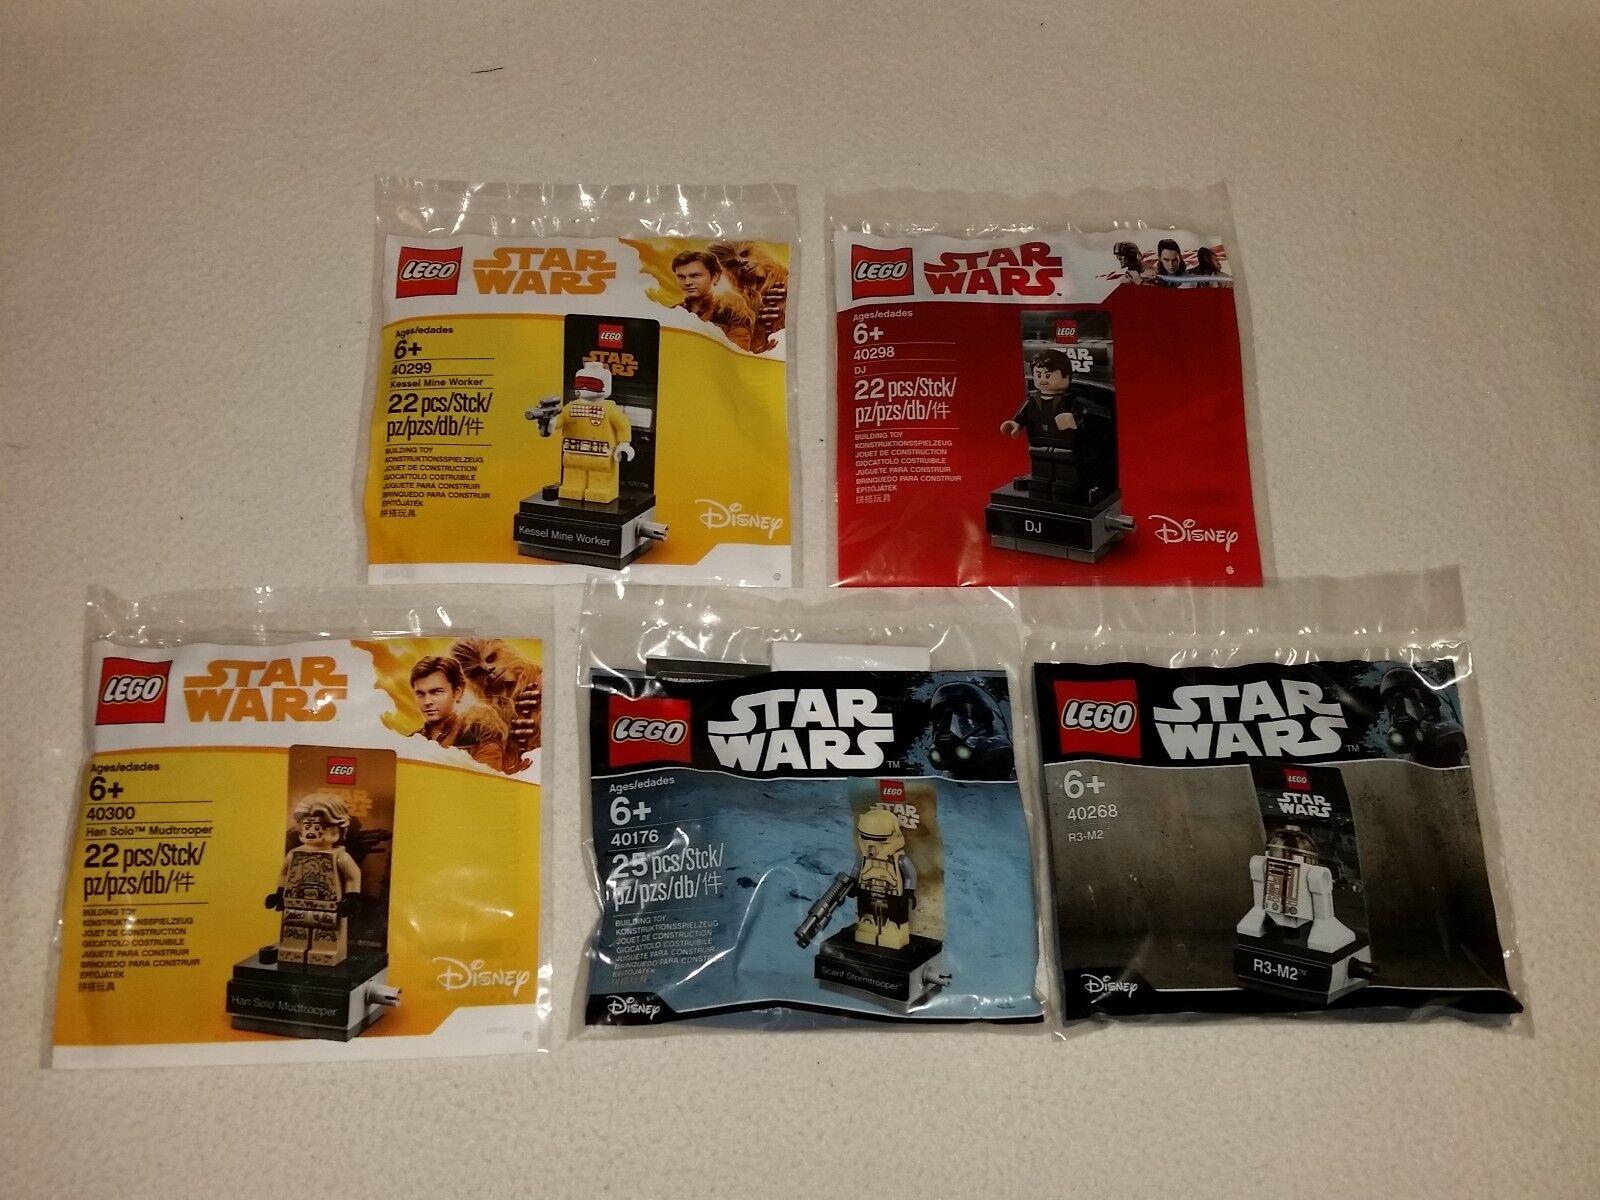 Lego Star Wars Sacchetto Plastica Set 40176 - 40268 - 40298 - 40299 - 40300 -